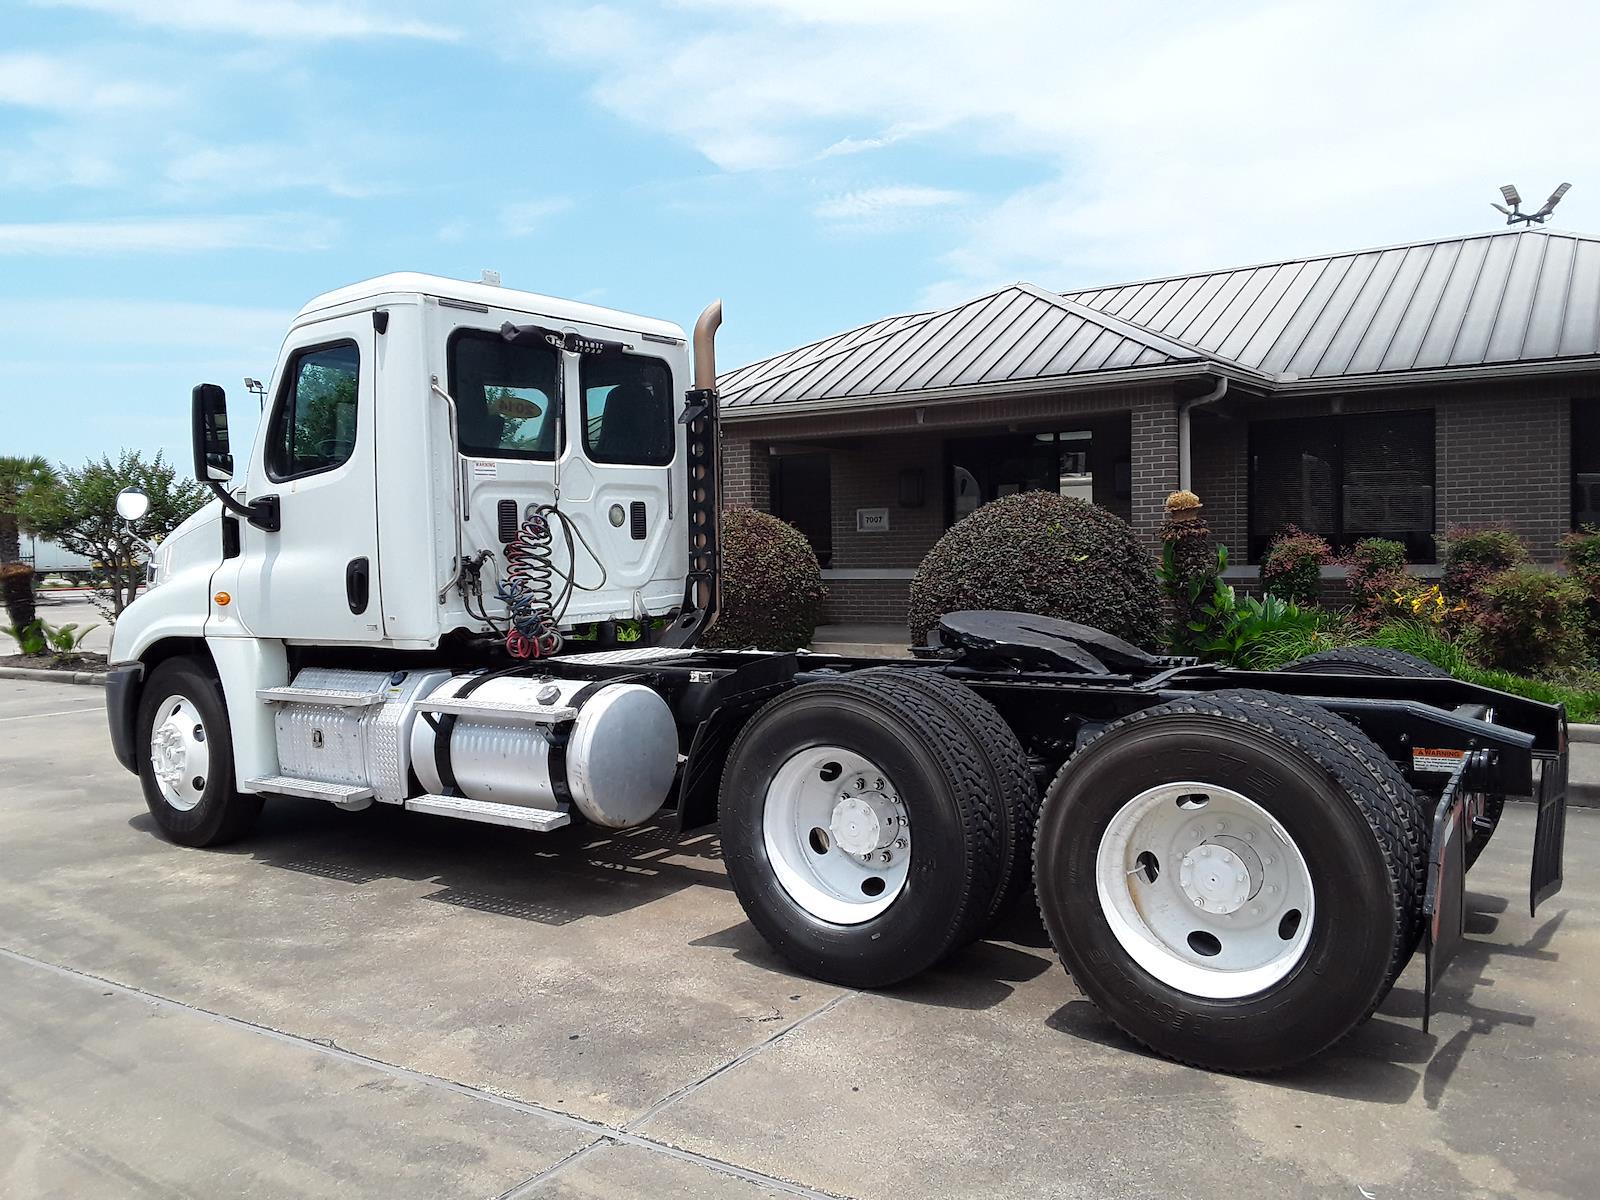 2014 Freightliner Truck 6x4, Tractor #520629 - photo 1